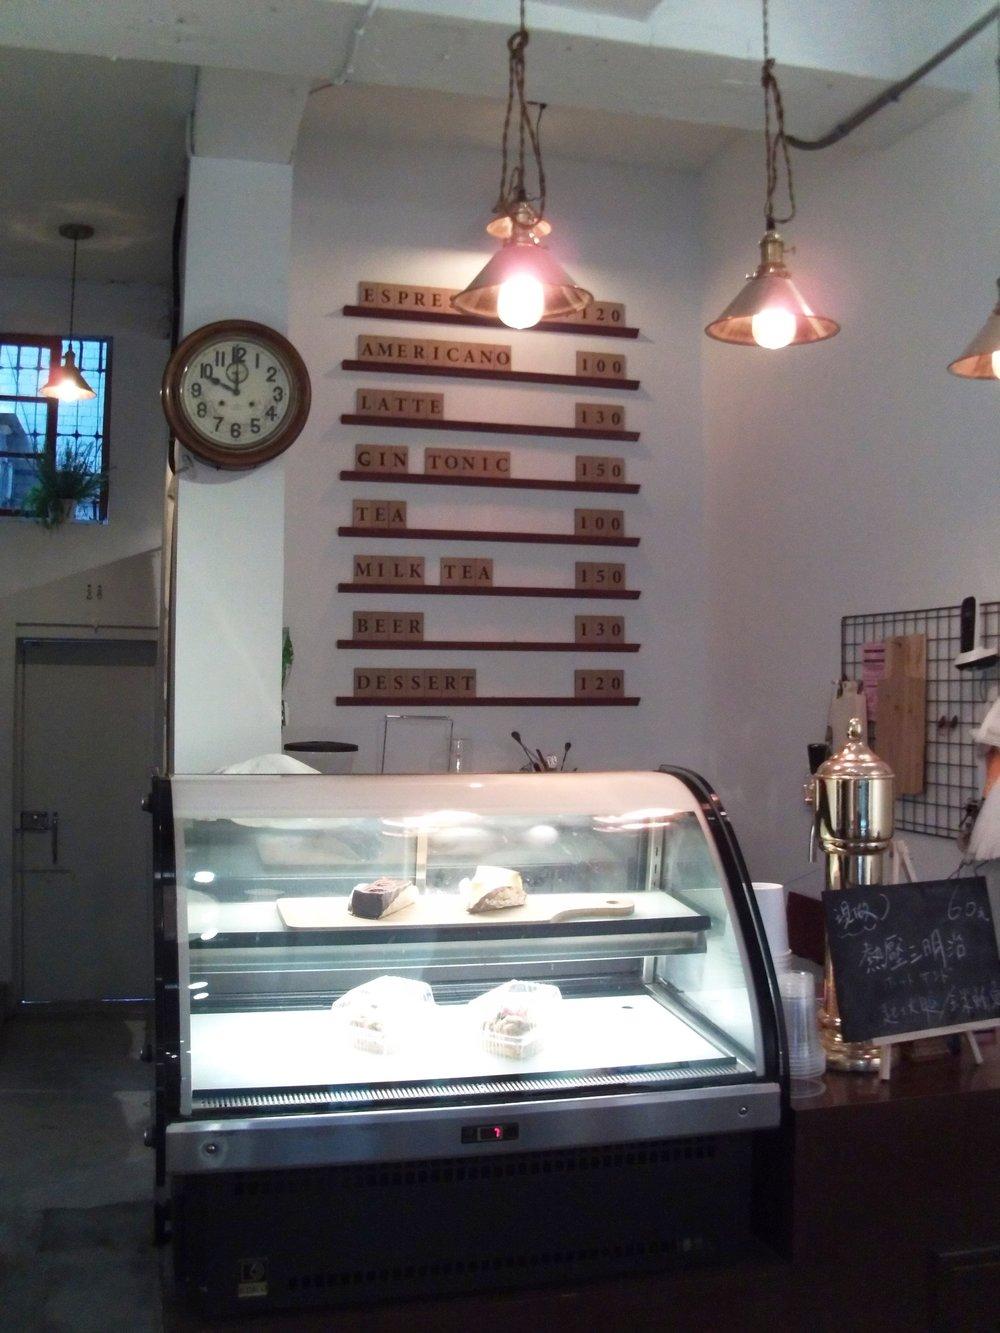 《谷居Gu Ju》除了定期舉行展覽,更是一間有品味的咖啡店,讓人有一種舒適閒逸的感覺。